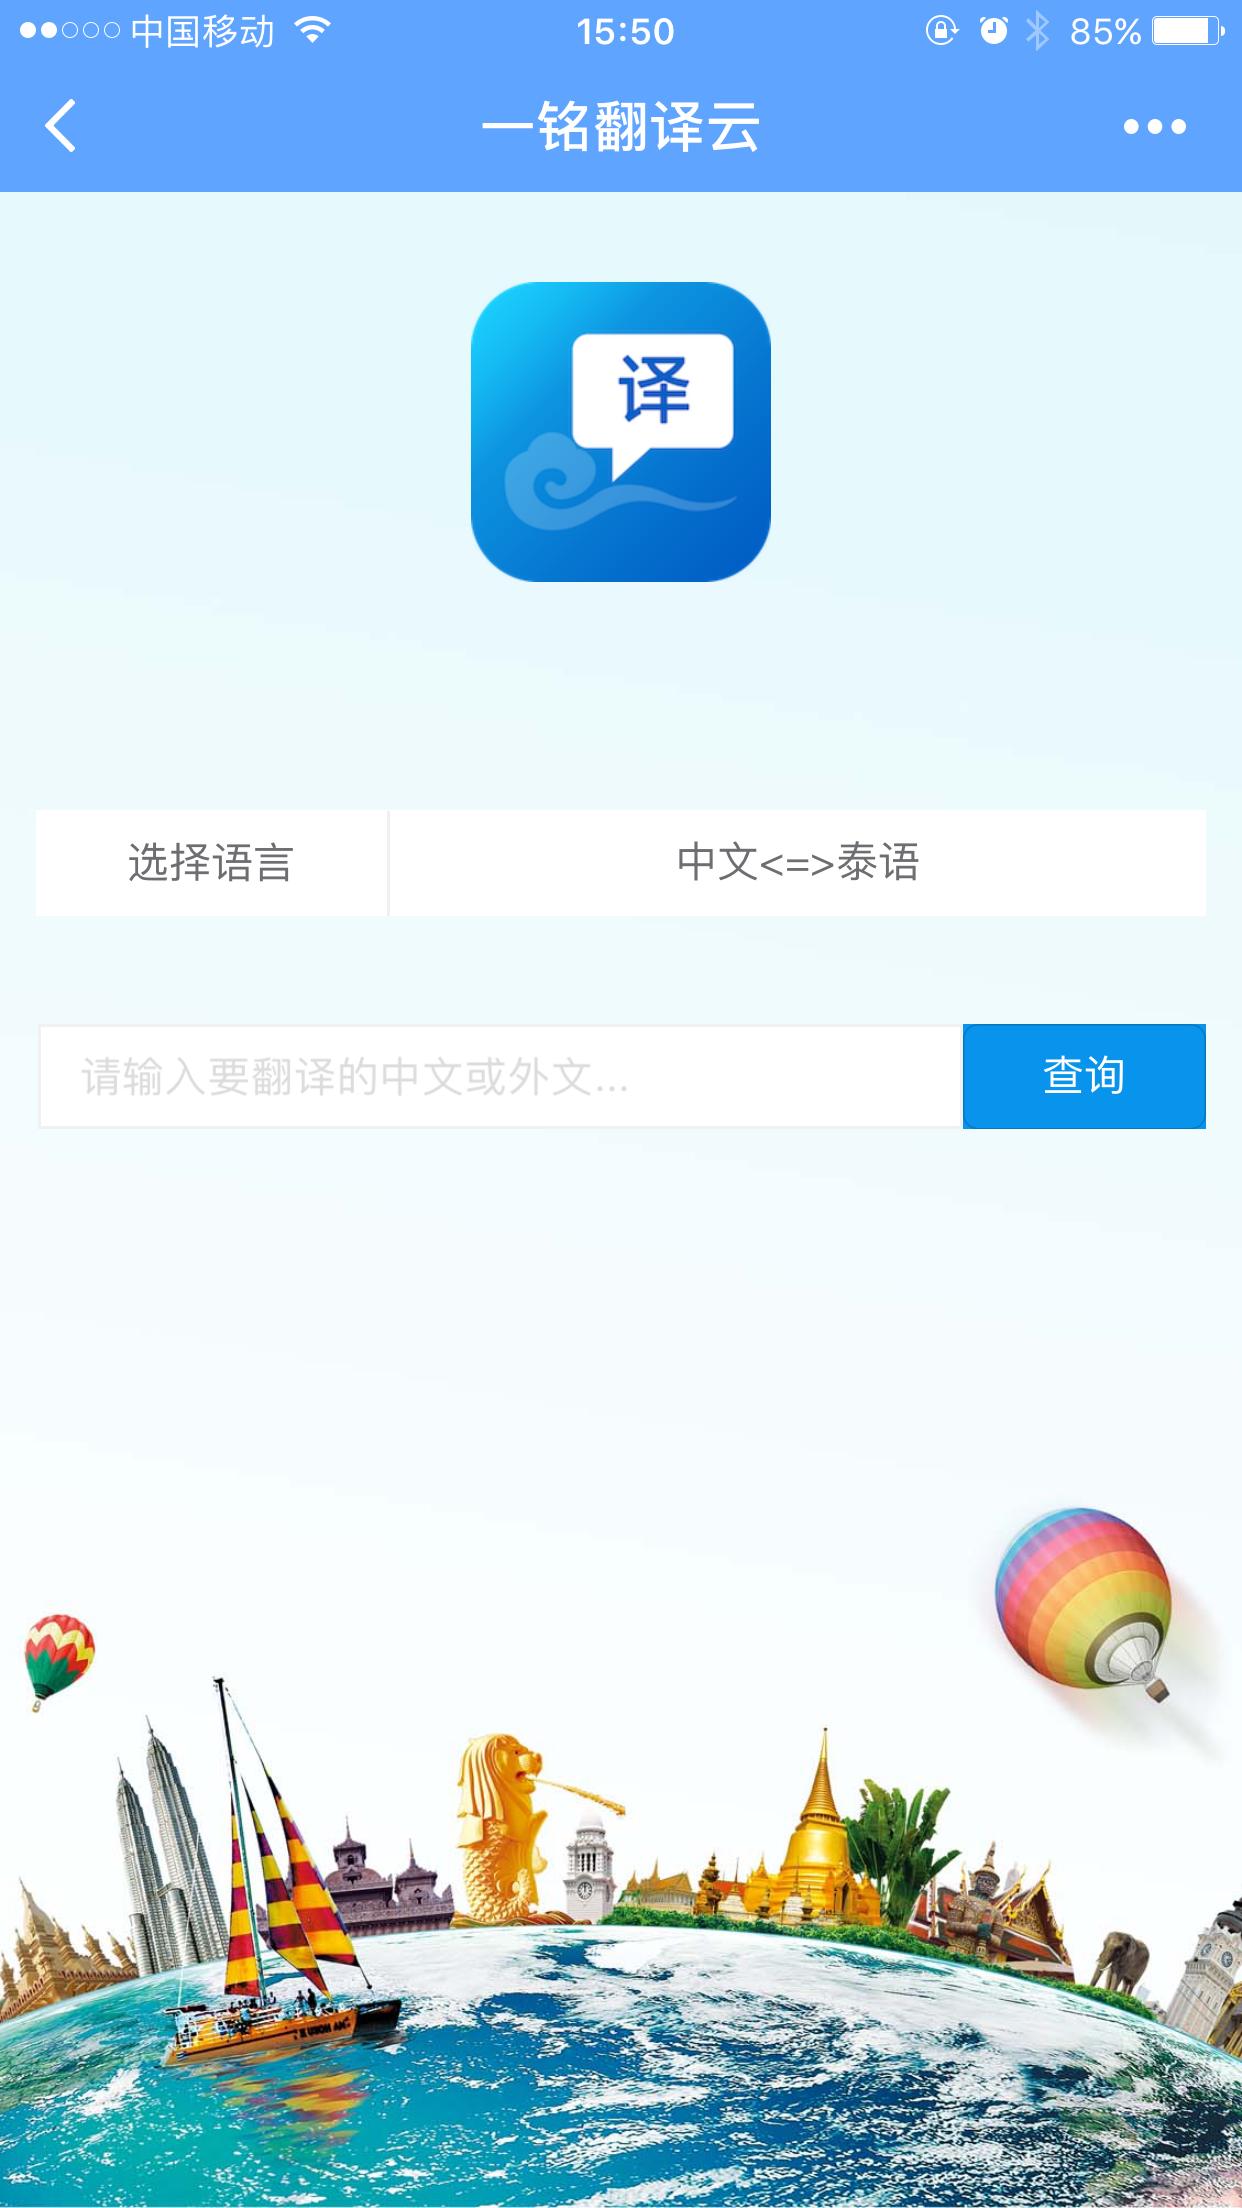 一铭翻译云词典小程序